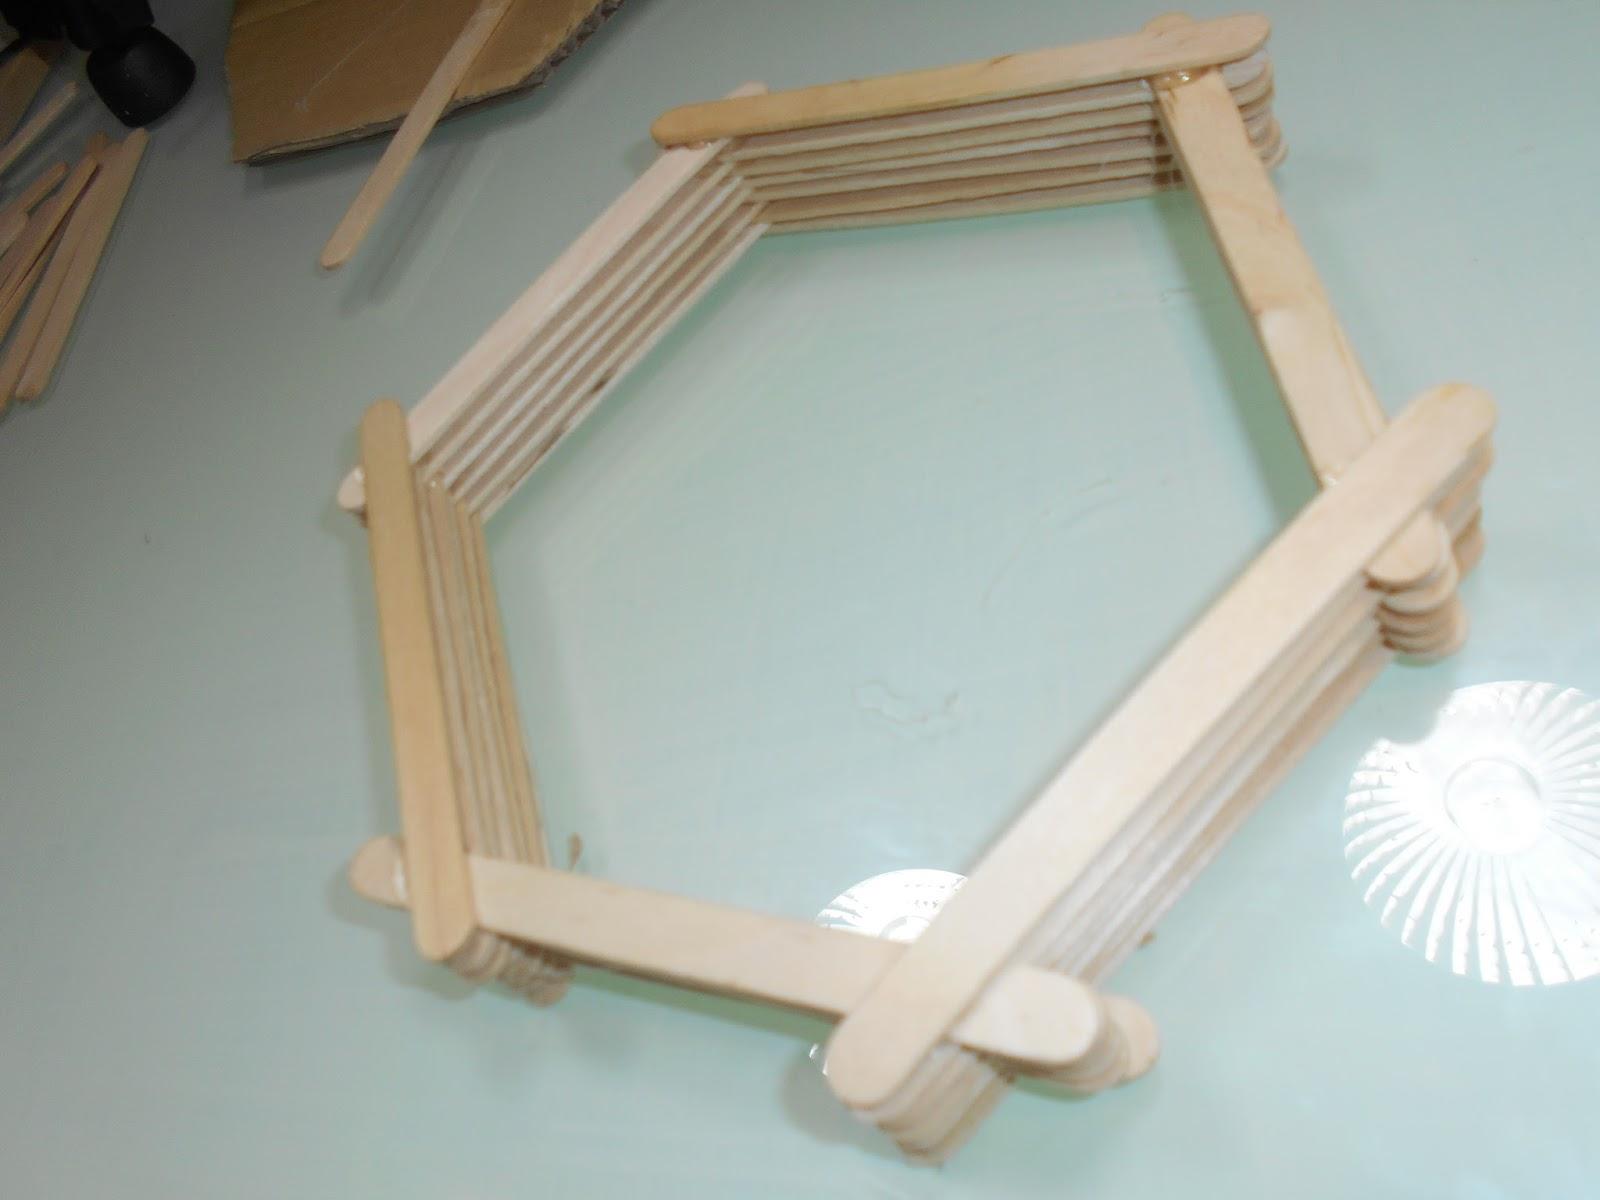 Los trucos de julieta caja joyero hecha con palitos de helado - Como hacer un joyero de madera ...